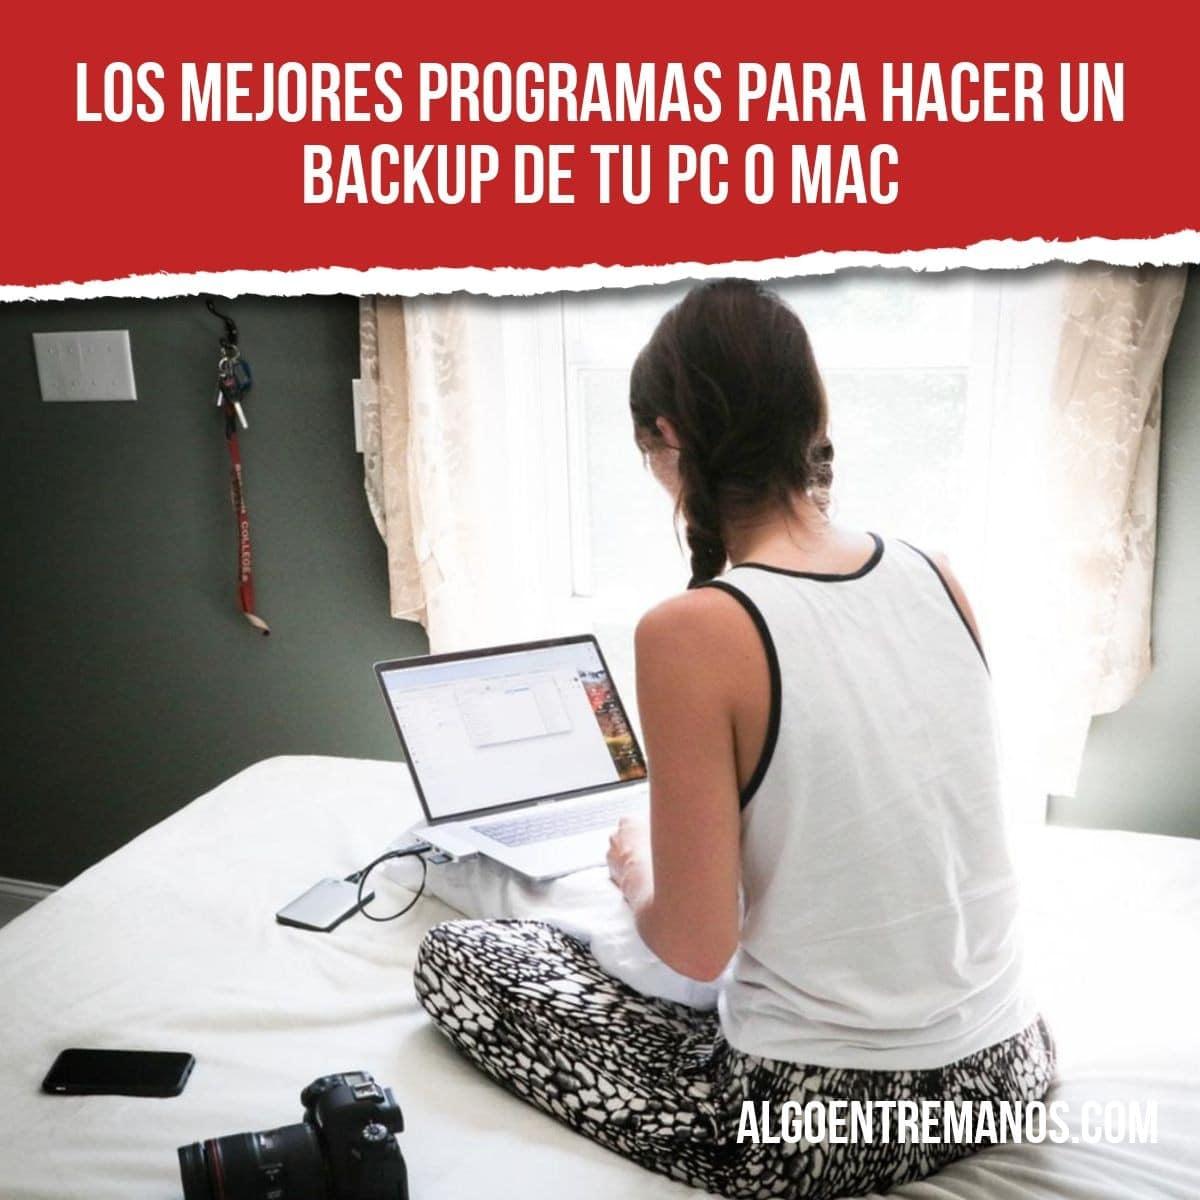 Los mejores programas para hacer un backup de tu PC o Mac